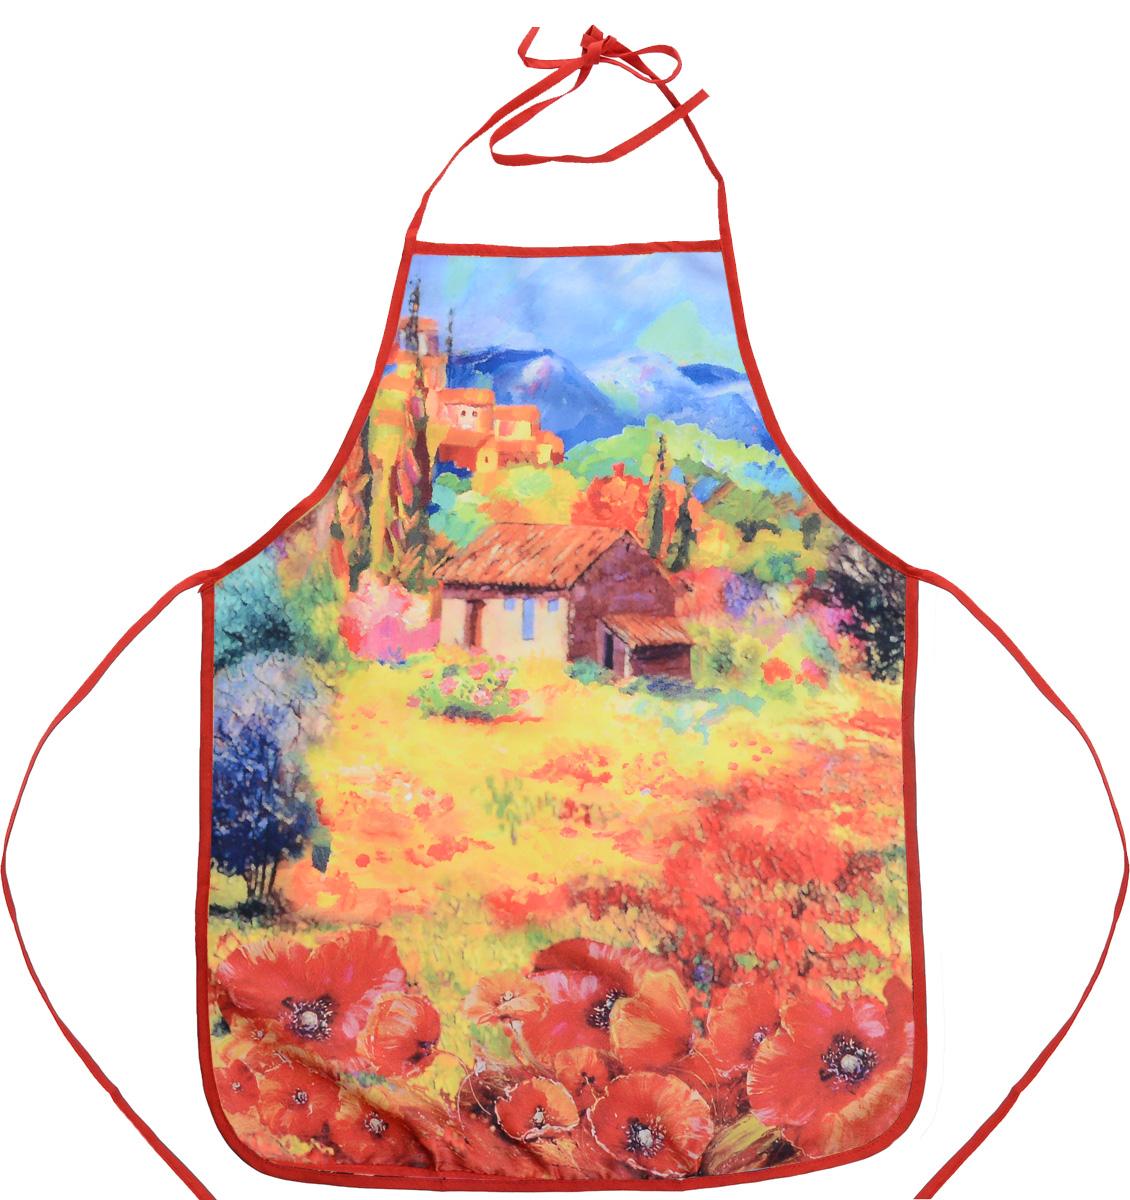 Фартук Bonita Севилья, 55 х 73 см1101211748Фартук Bonita Севилья изготовлен из прочного полиэстера и декорирован красивым изображением маков в стиле импрессионизма. Фартук оснащен завязками. Имеет универсальный размер. Такой фартук поможет вам избежать попадания еды на одежду во время приготовления пищи. Кухня - это сердце дома, где вся семья собирается вместе. Она бережно хранит и поддерживает жизнь домашнего очага, который нас согревает. Именно поэтому так важно создать здесь атмосферу, которая не только возбудит аппетит, но и наполнит жизненной энергией. С текстилем Bonita открывается возможность не только каждый день дарить кухне новый облик, но и создавать настоящие кулинарные шедевры. Bonita станет незаменимым помощником и идейным вдохновителем, создающим вкусное настроение на вашей кухне.